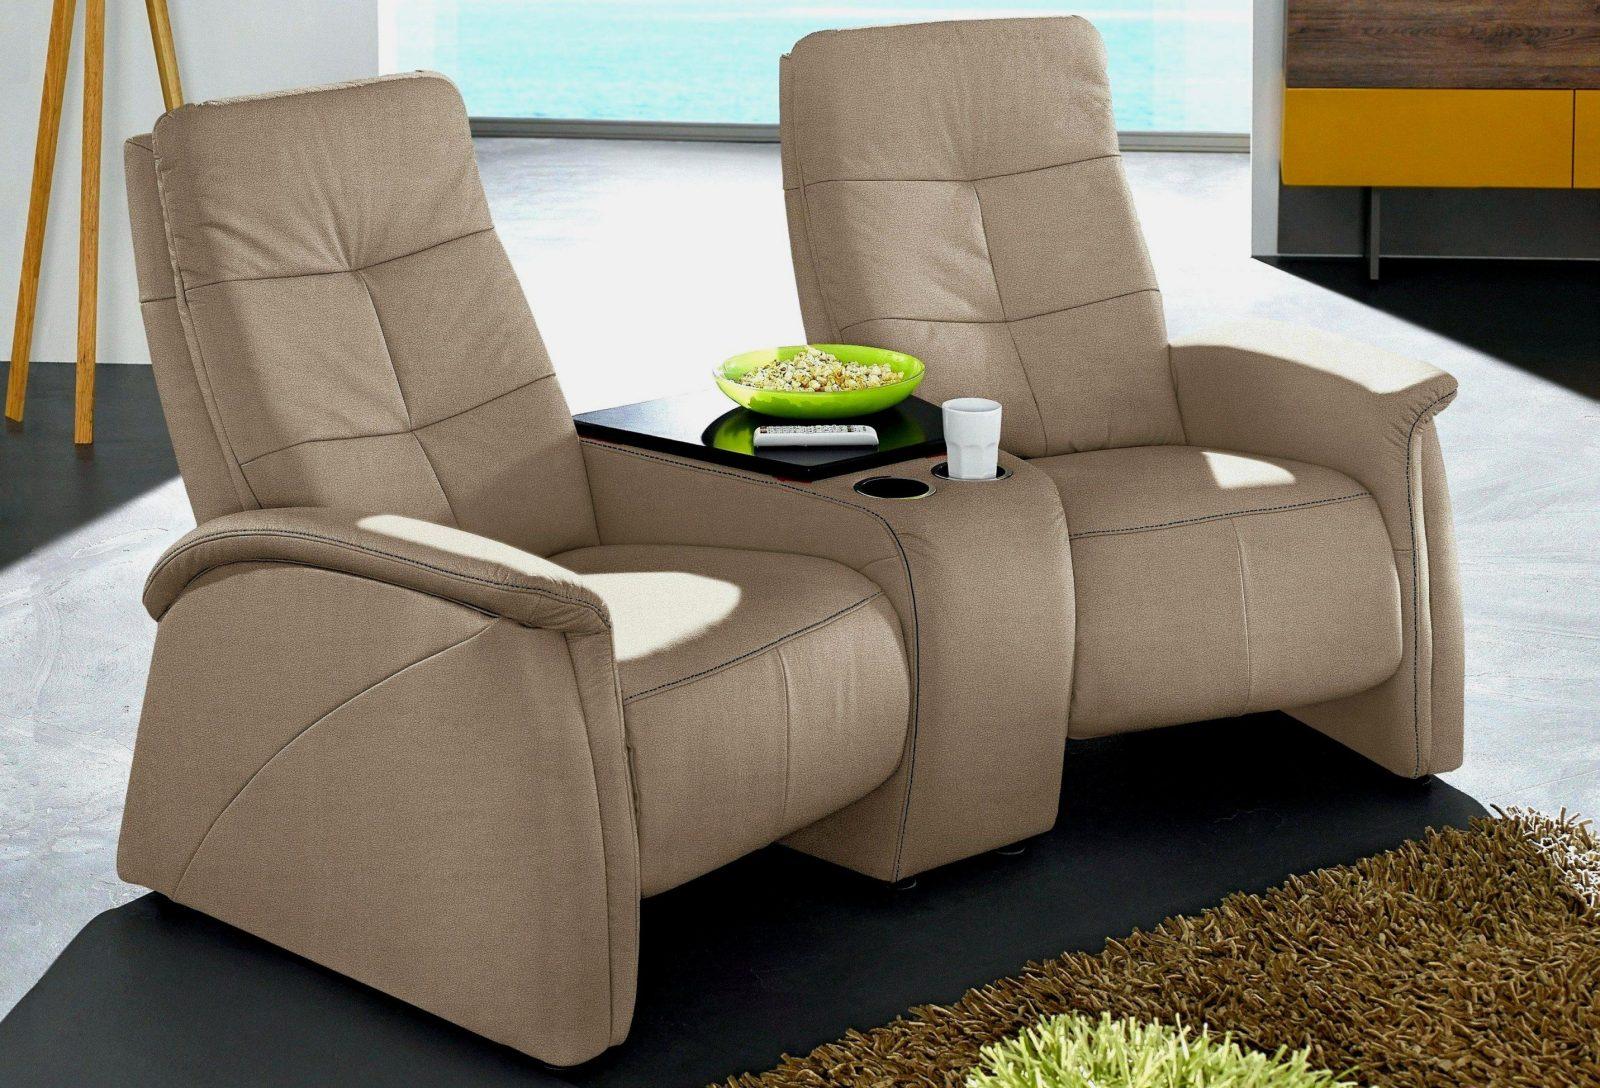 Zweisitzer Sofa Mit Relaxfunktion 23 Dekoration Couchgarnitur Mit